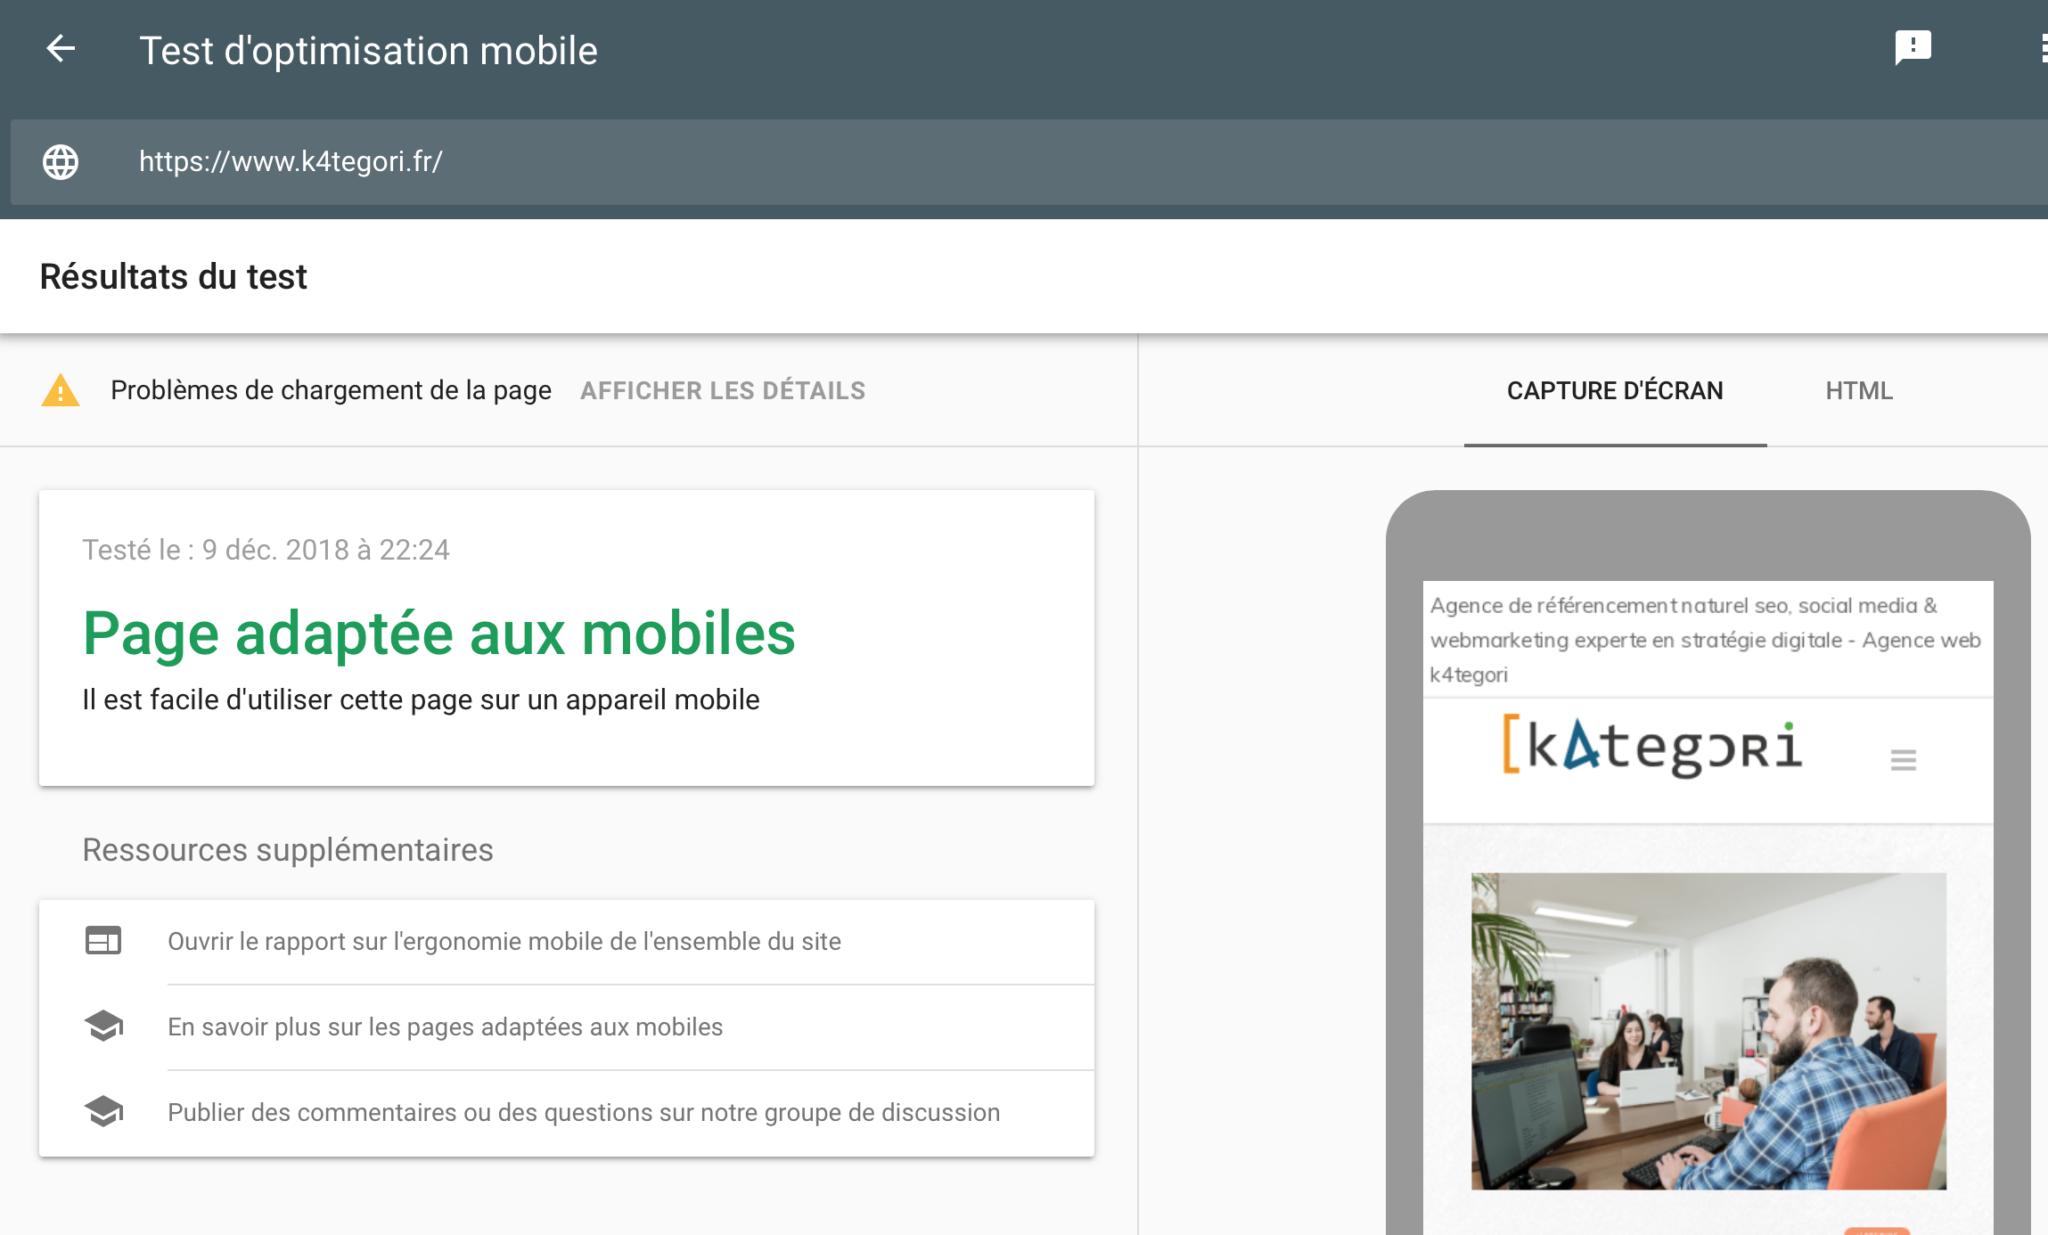 mobile test seo google - agence k4tegori